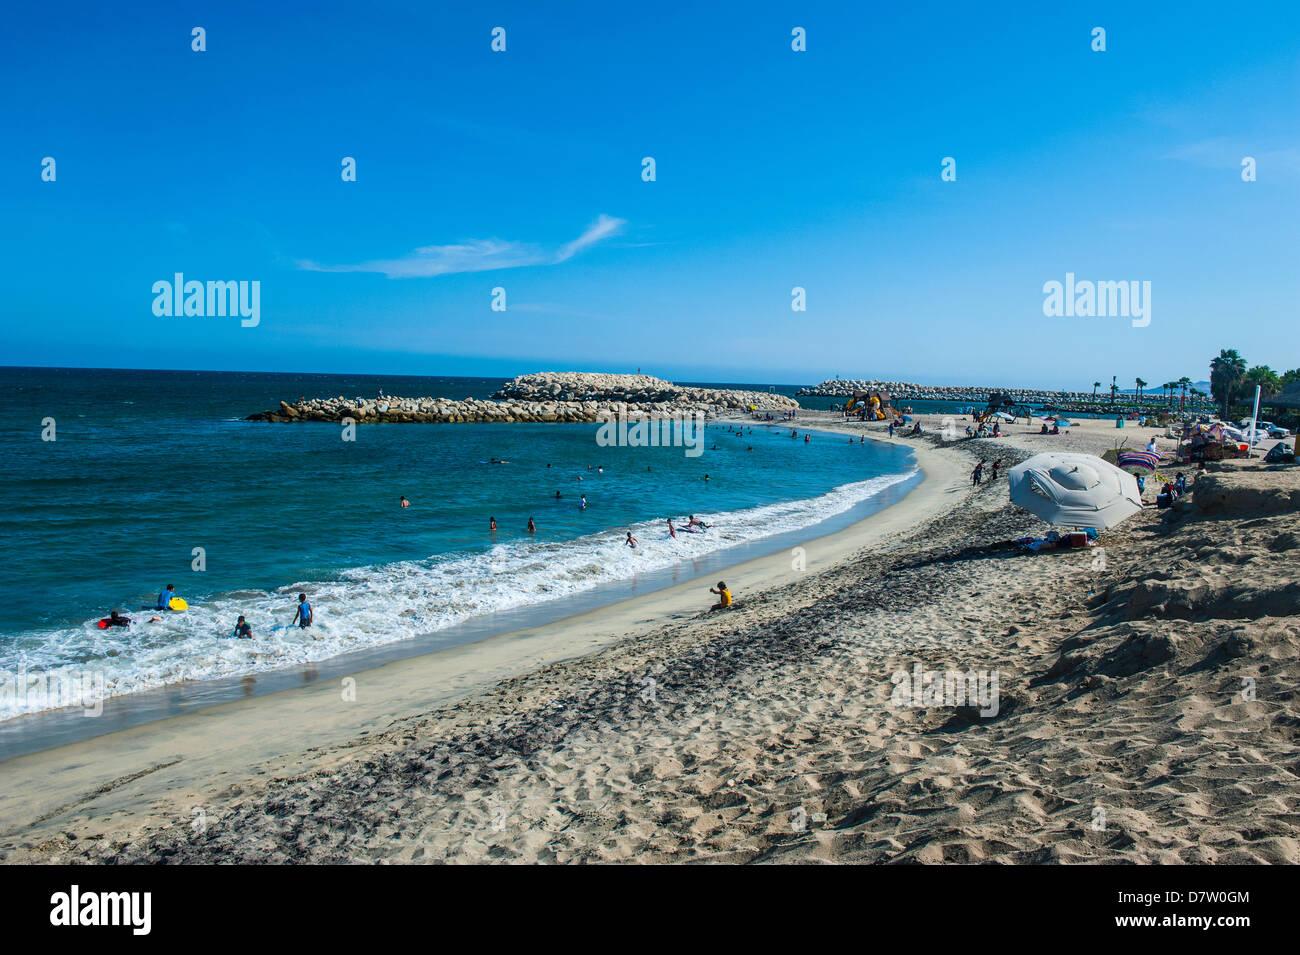 Spiaggia di Puerto Los Cabos parte di San Jose del Cabo, Baja California, Messico Immagini Stock